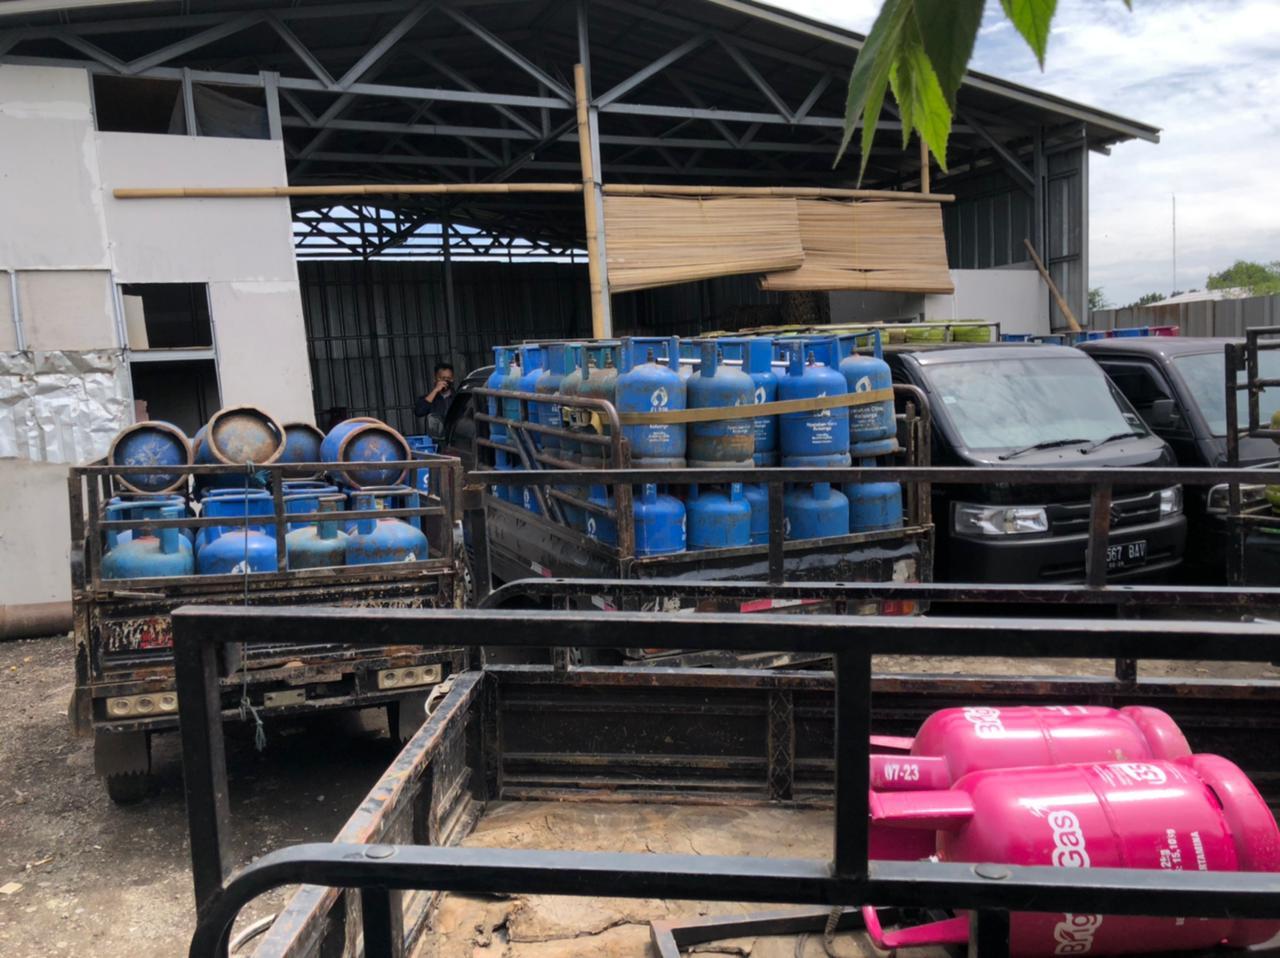 Barang bukti gas subsidi yang disalahgunakan pelaku diamankan polisi. (Foto: Nia/ TV Polri).